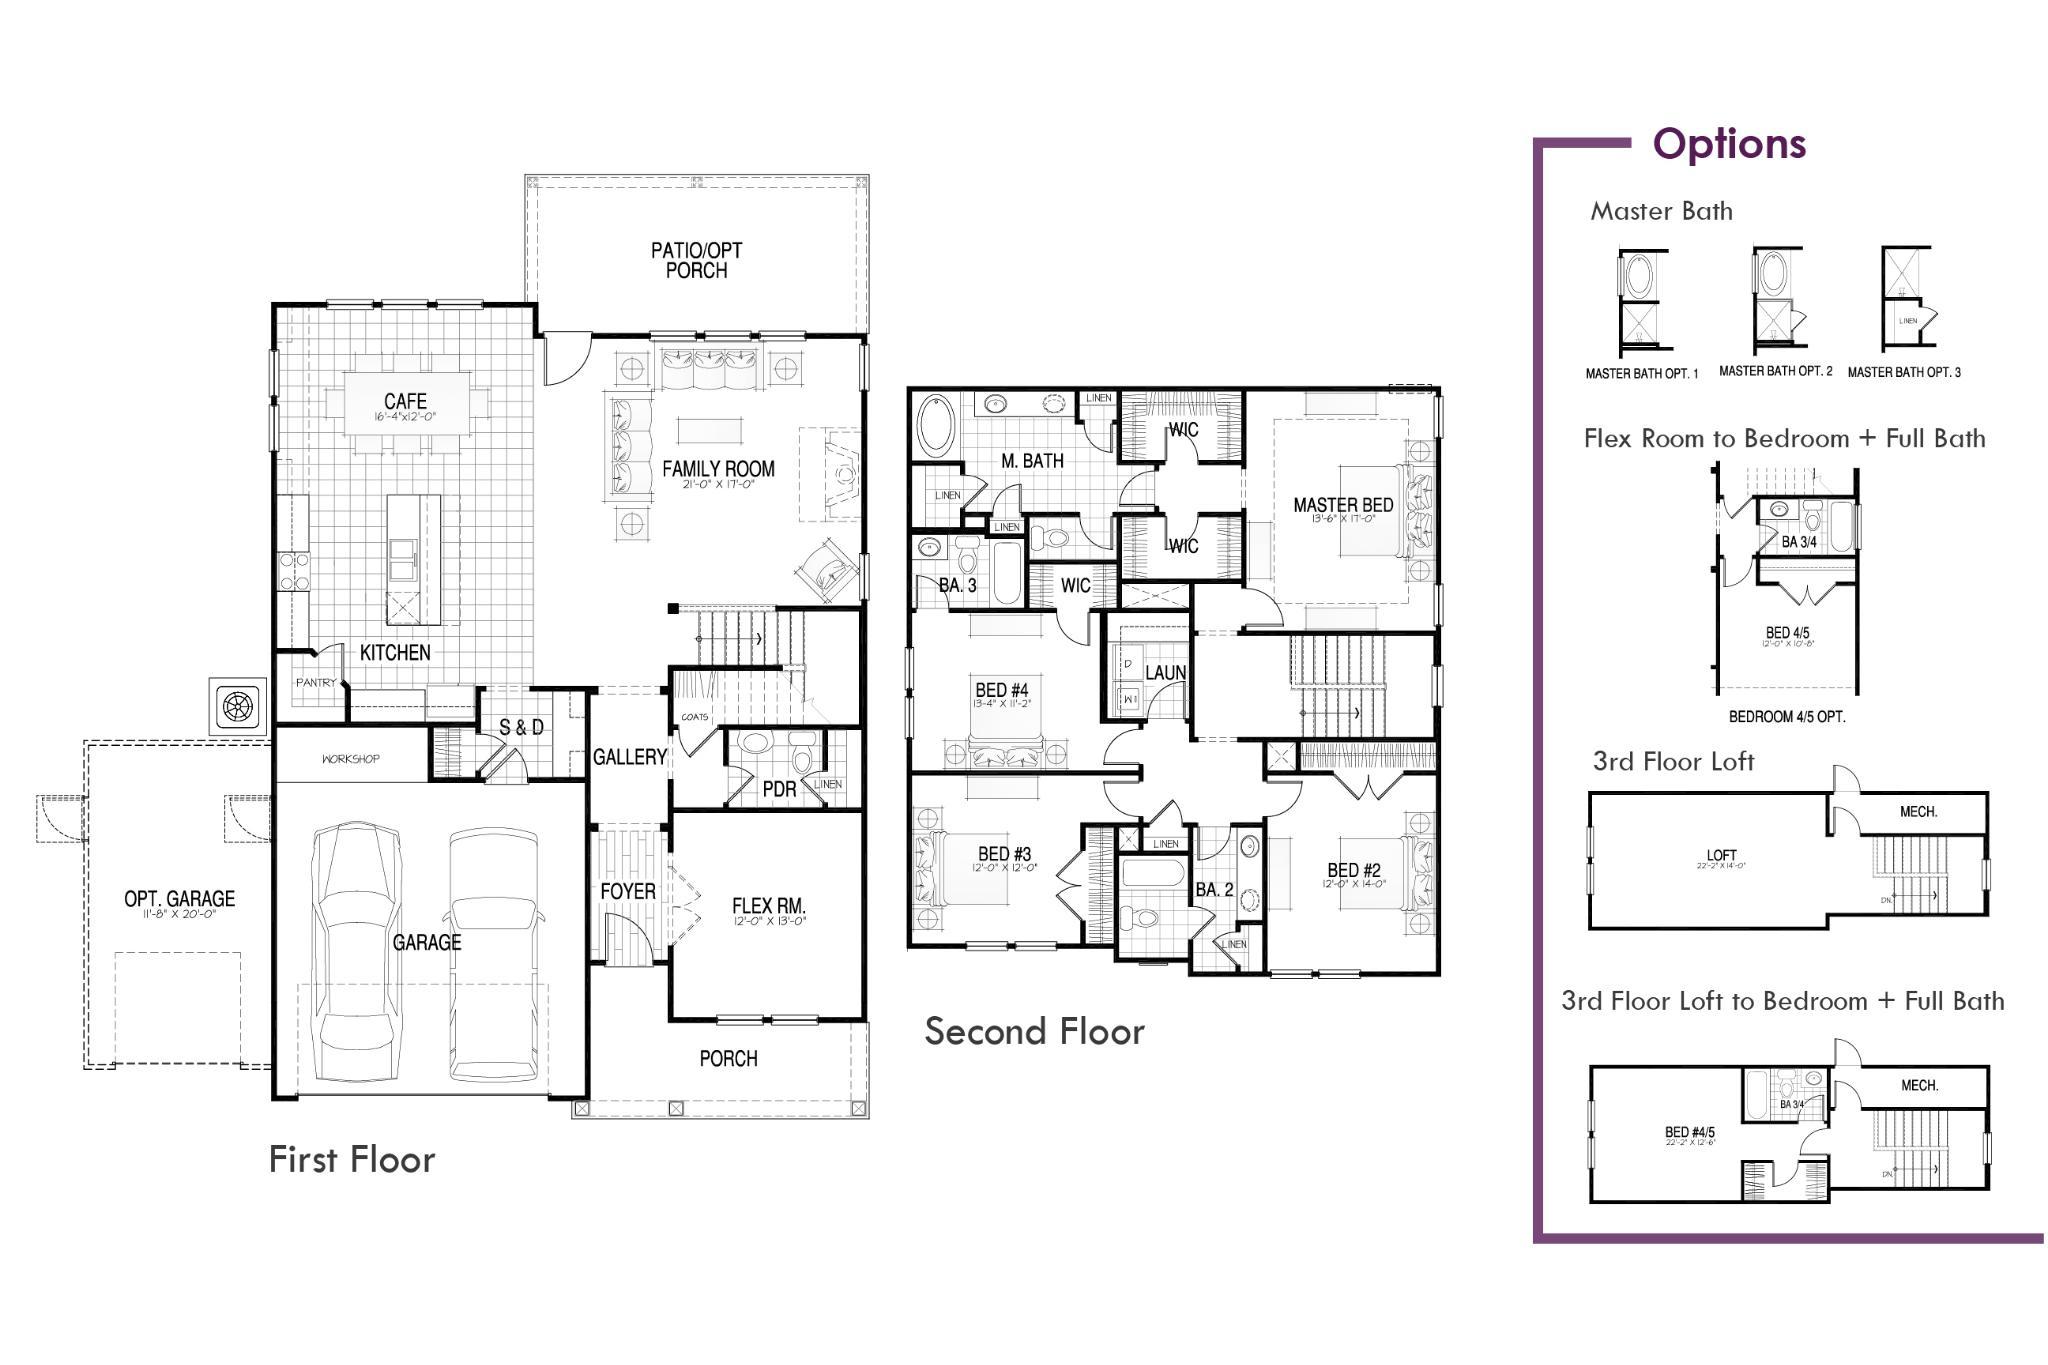 Maywood II Floor Plan